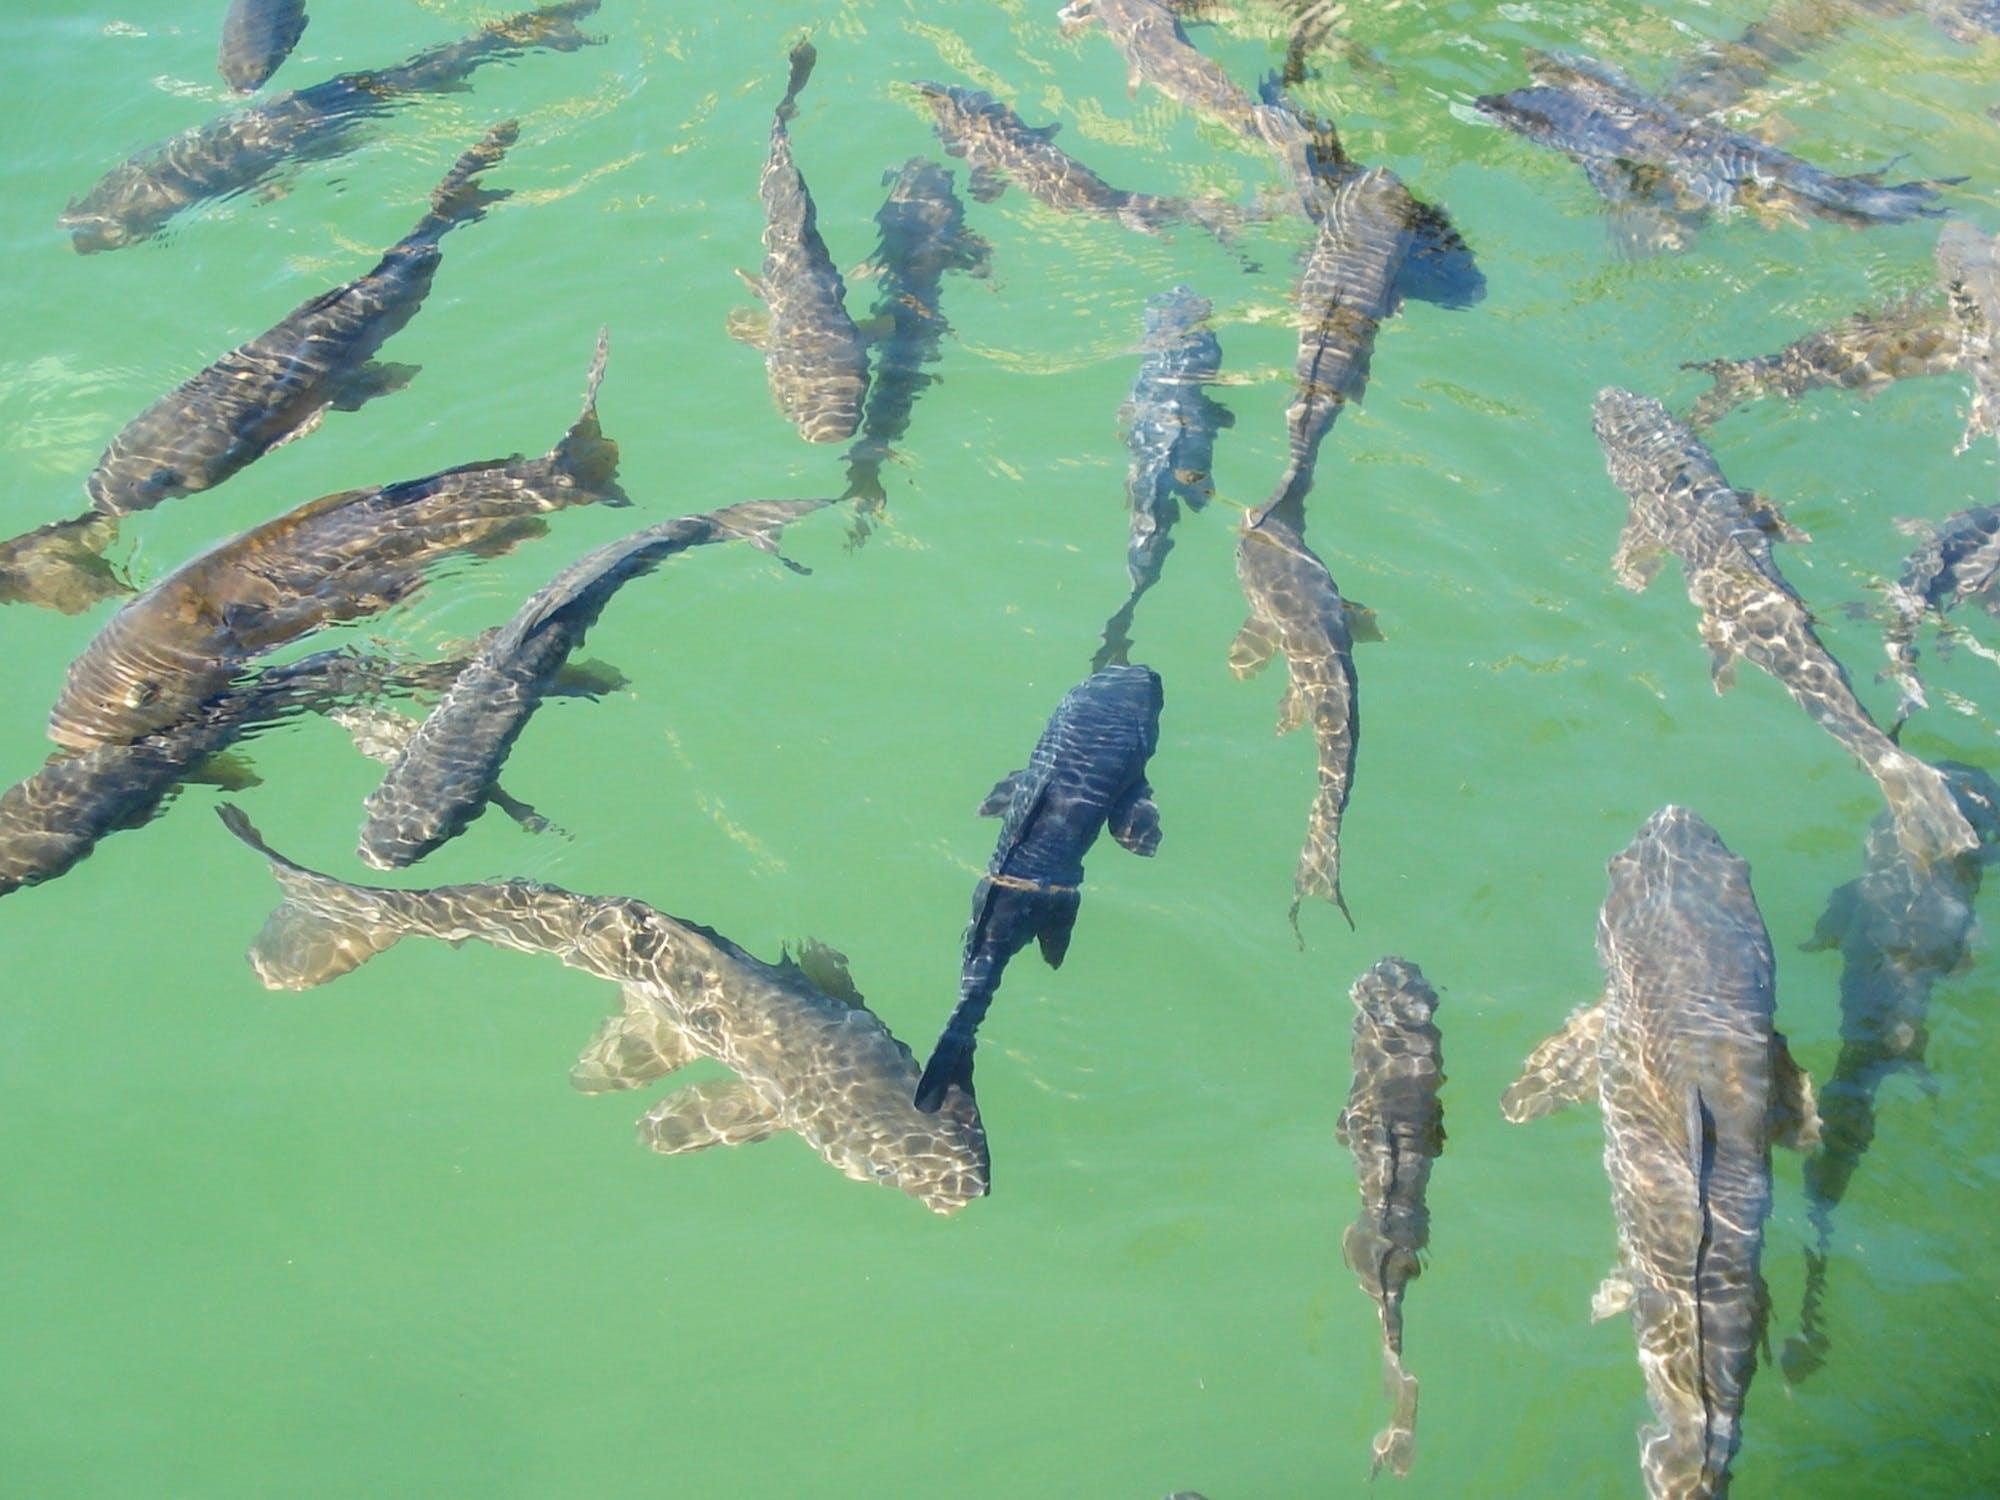 Free stock photo of fish, detail, koi